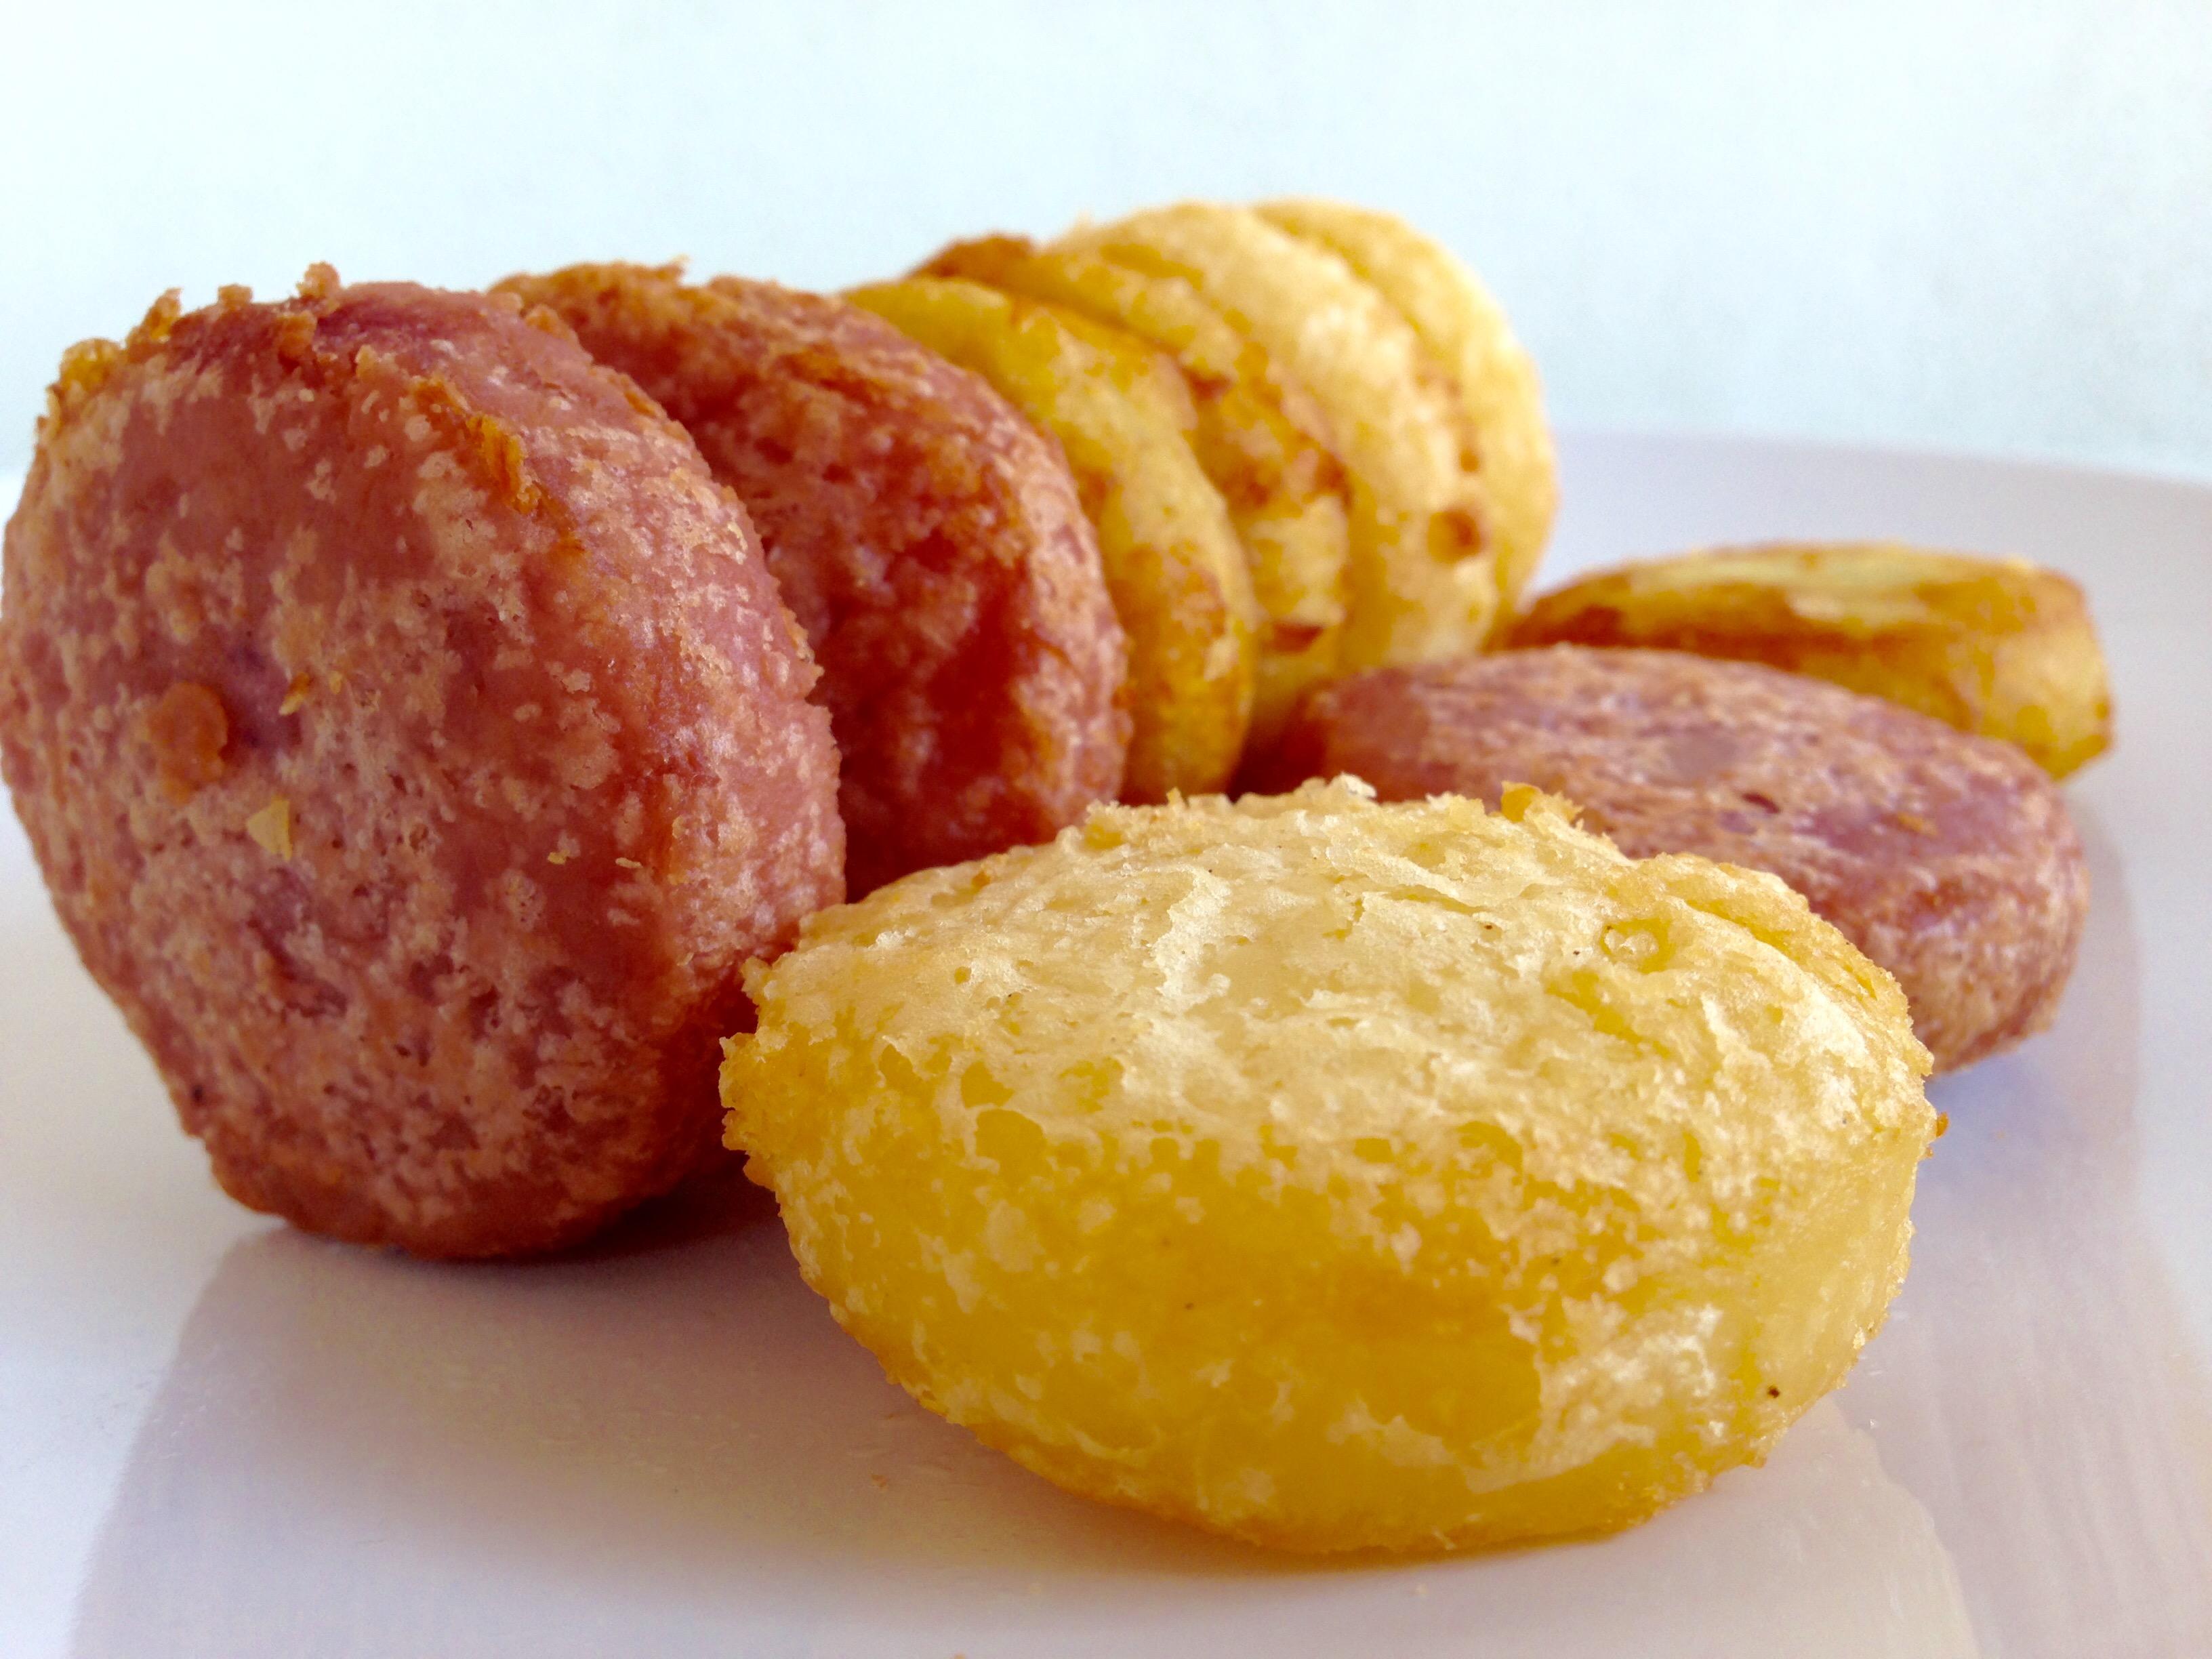 Fries / Rings image